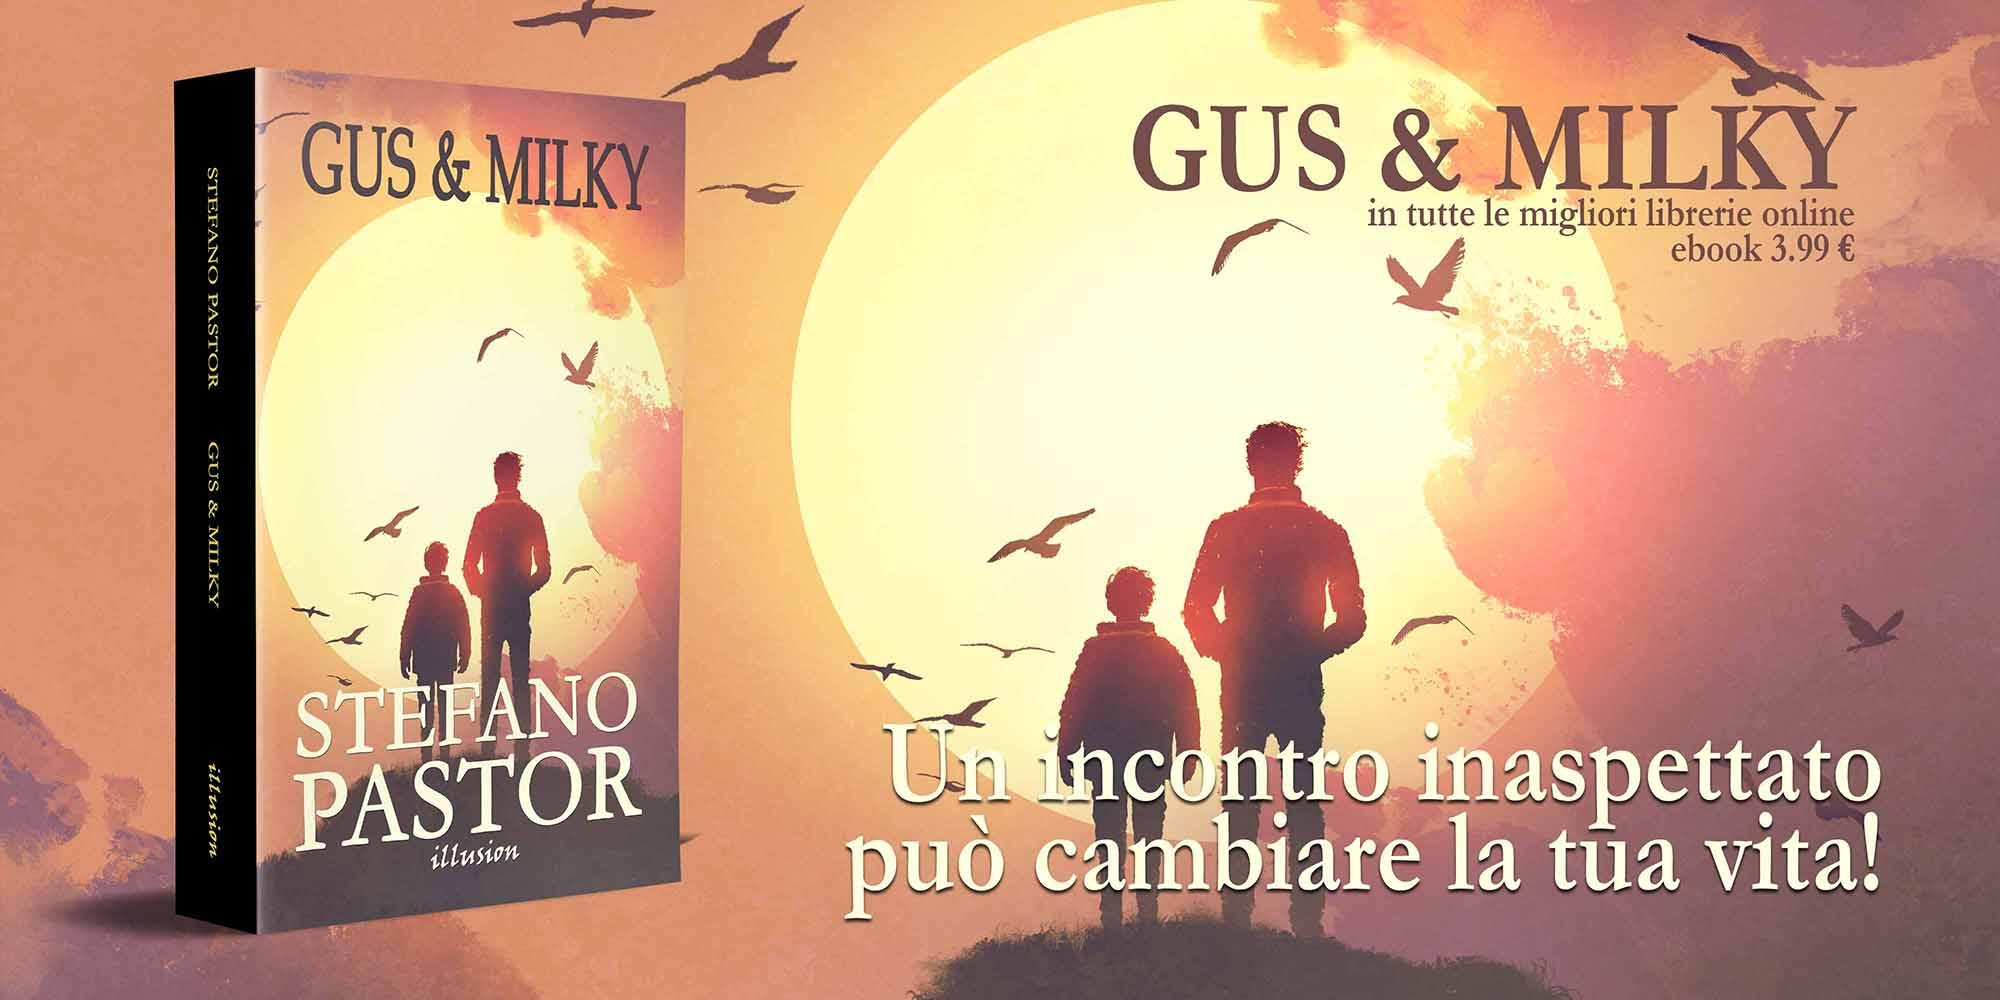 GUS & MILKY